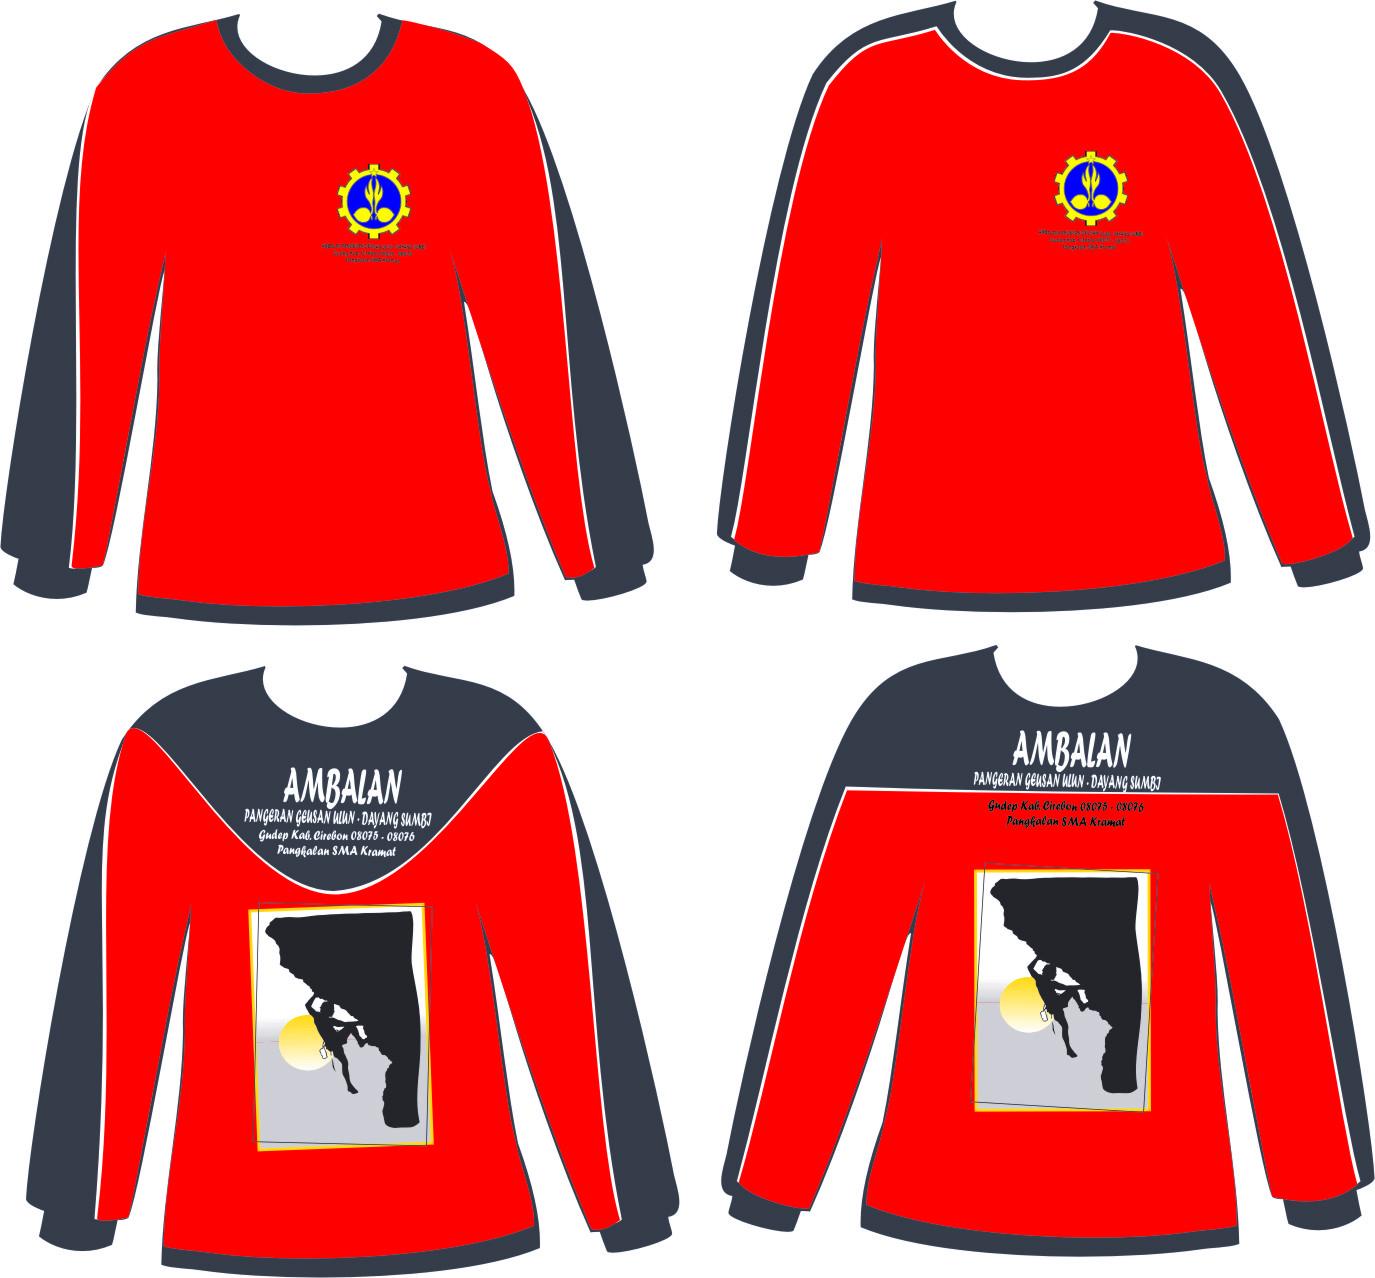 Contoh desain t shirt kelas - Contoh Desain T Shirt Kelas 23